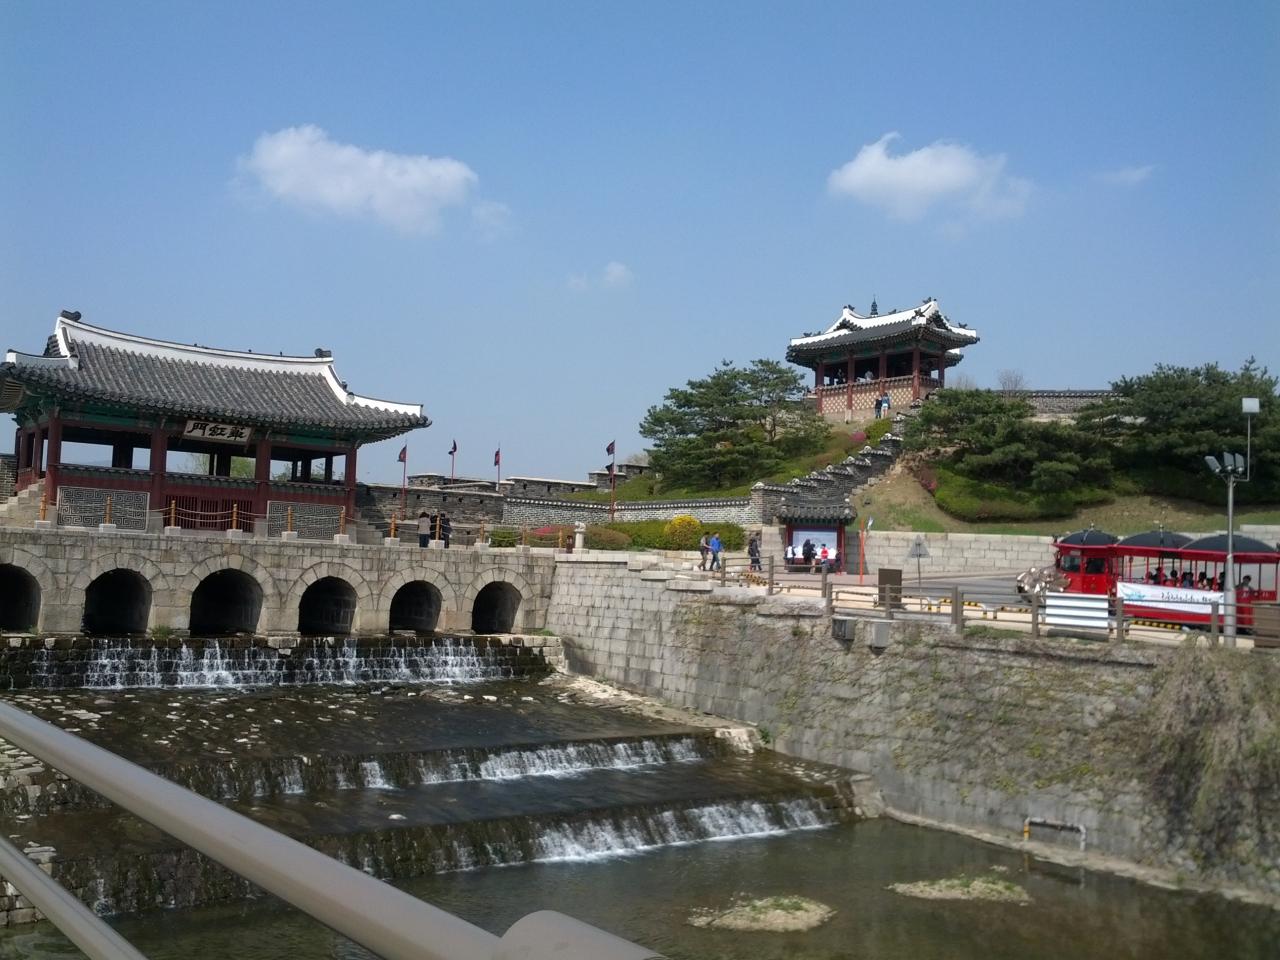 水原華城の画像 p1_28